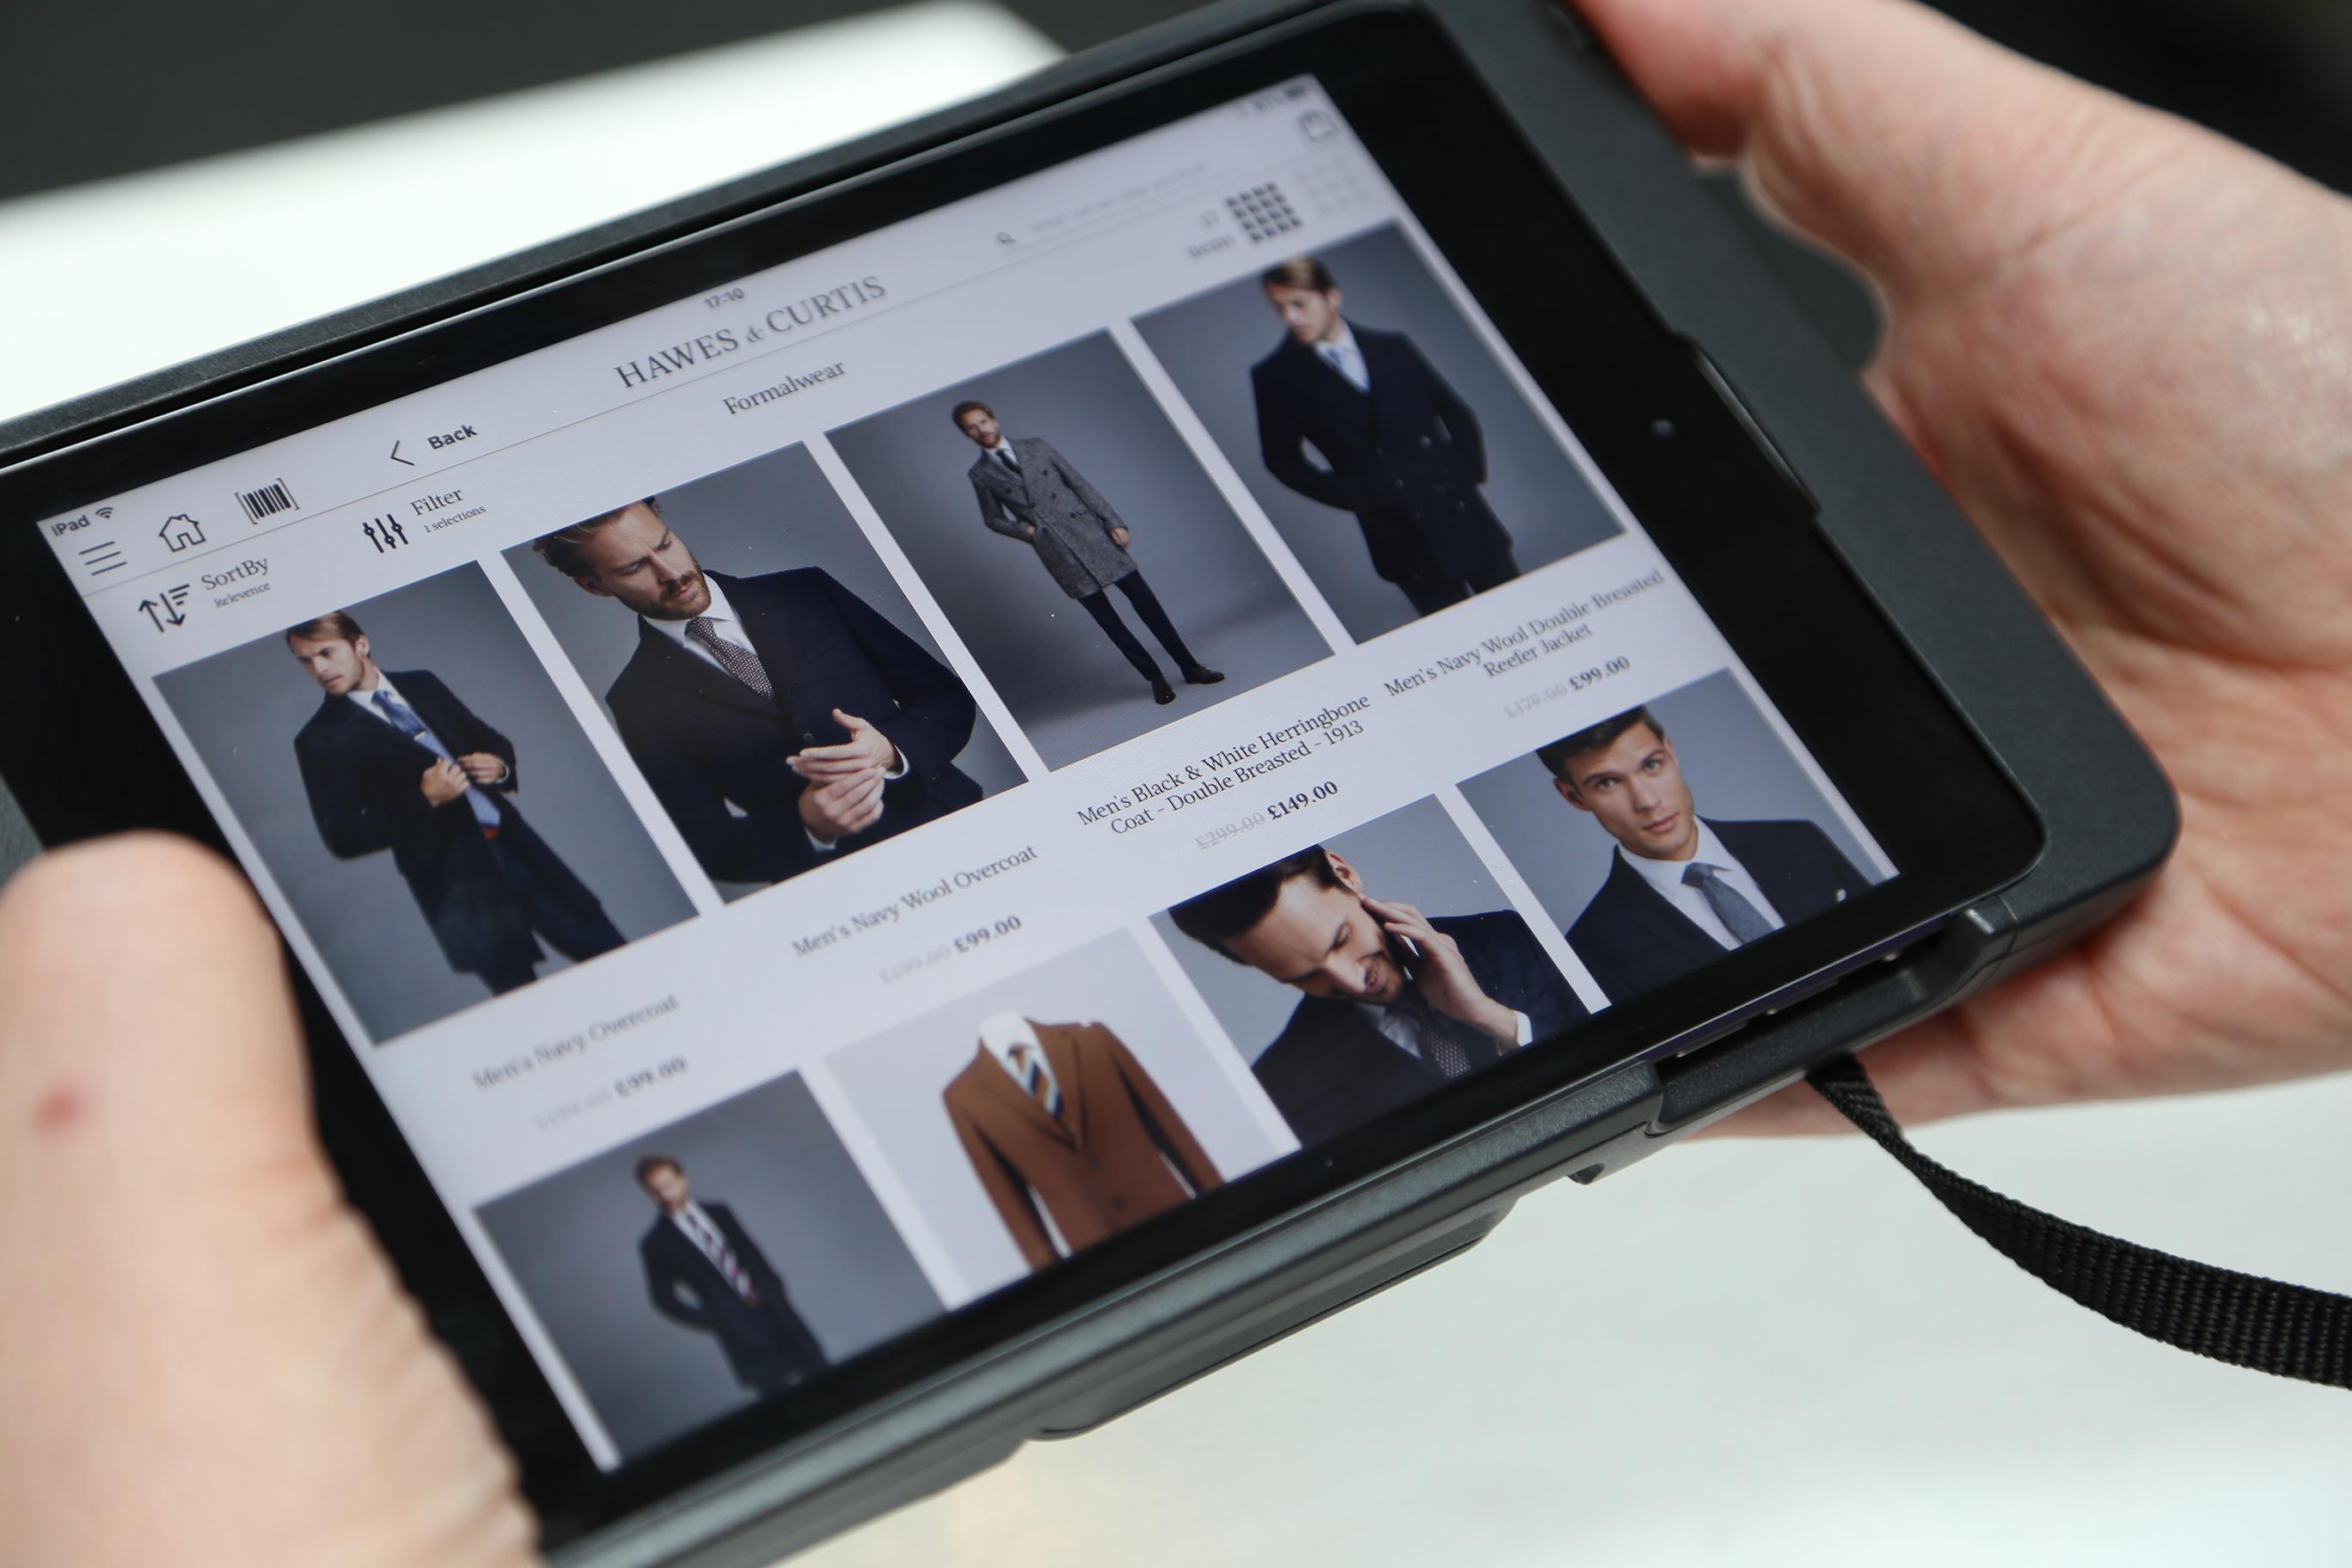 Hawes & Curtis_One iota iPad app (1)